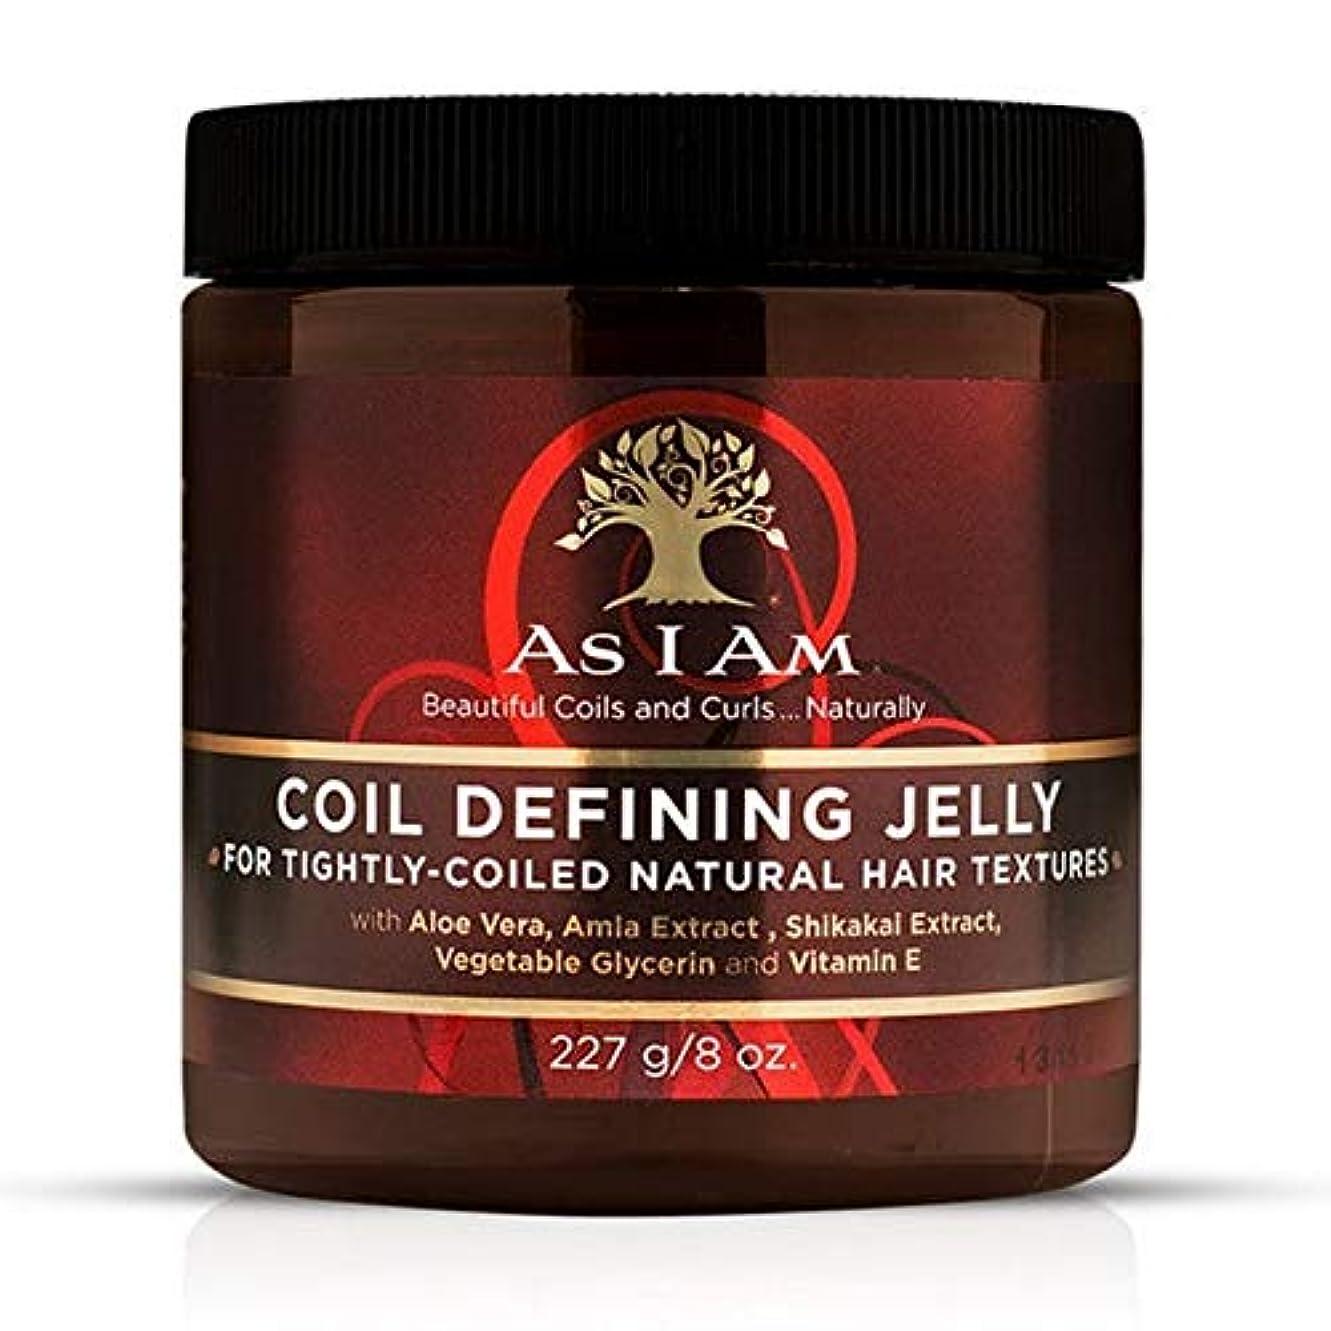 船上許可するゴールド[AS I AM] 私はスタイリングゼリー227グラムを定義するコイル当然だとして - AS I AM Naturally Coil Defining Styling Jelly 227g [並行輸入品]